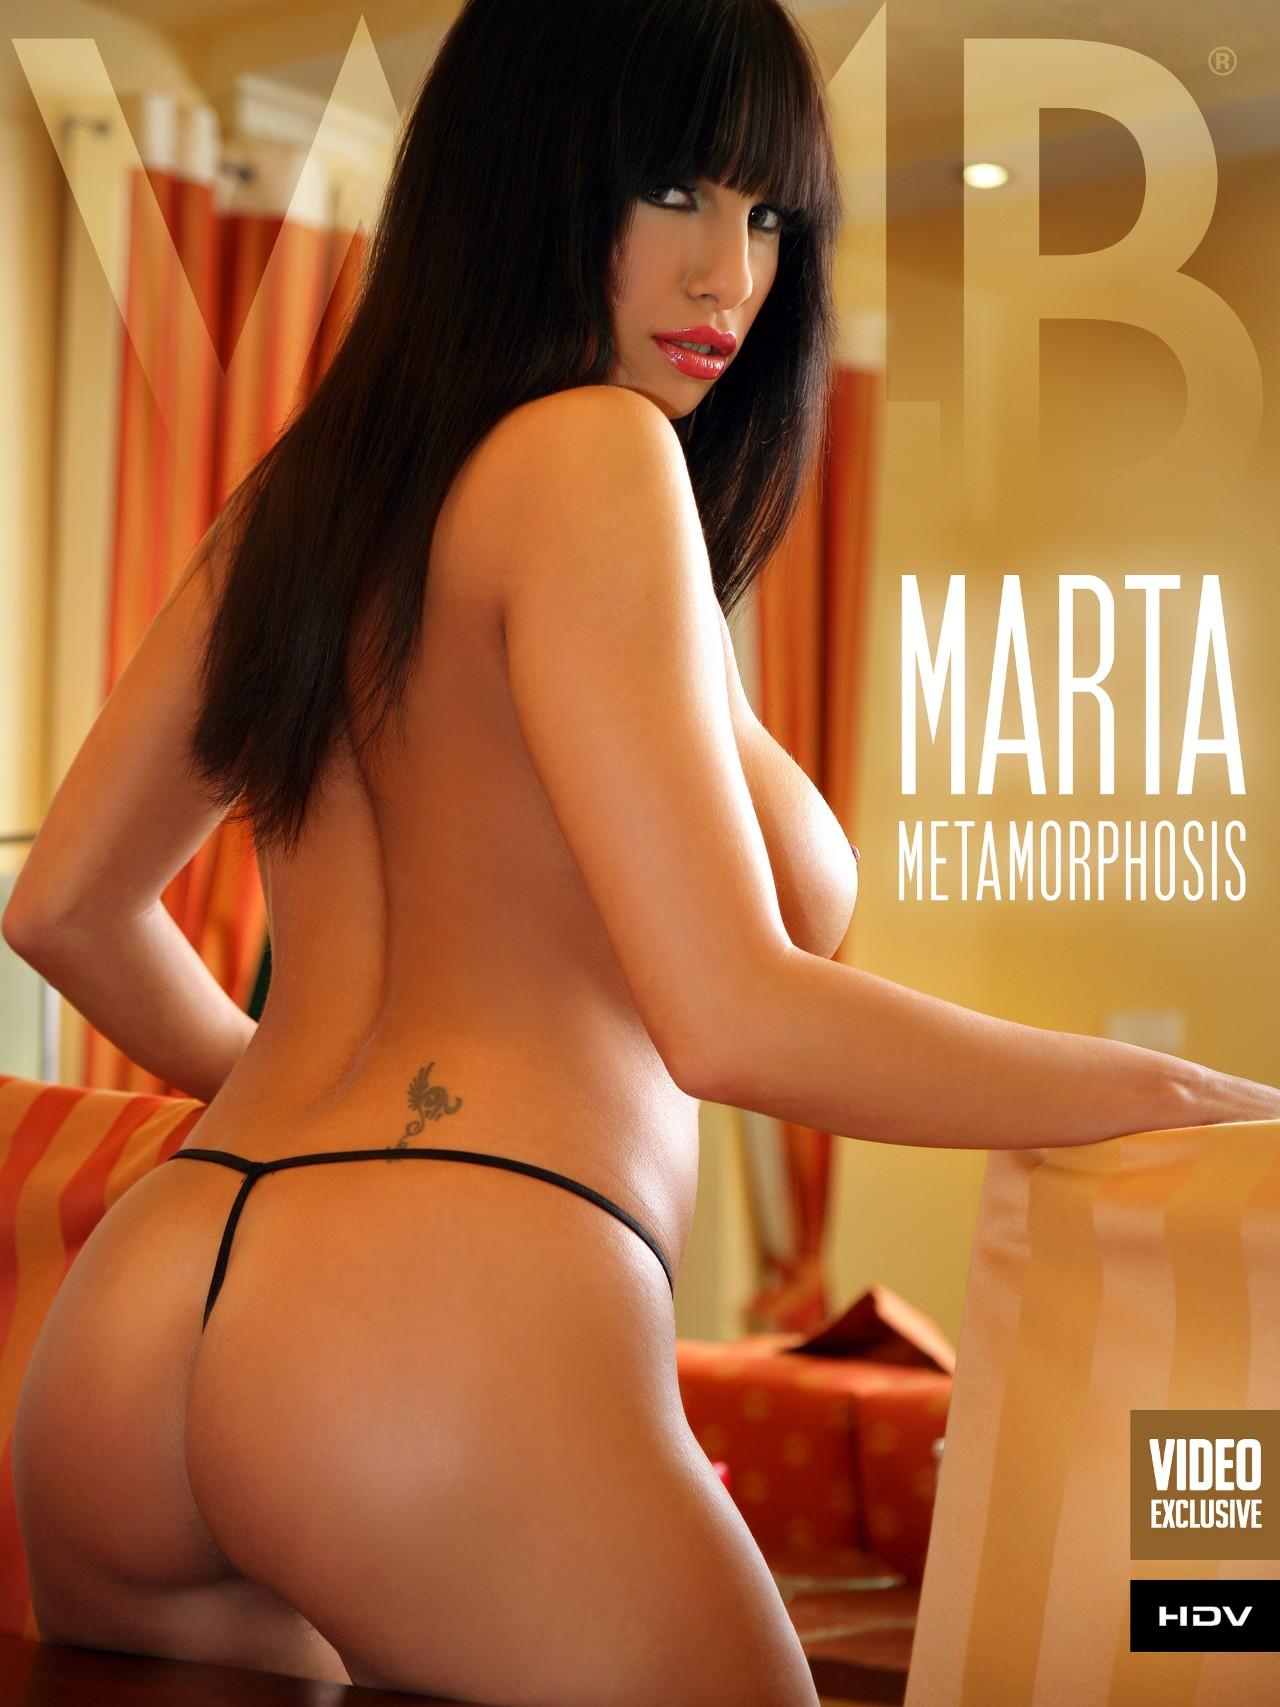 Marta: Metamorphosis